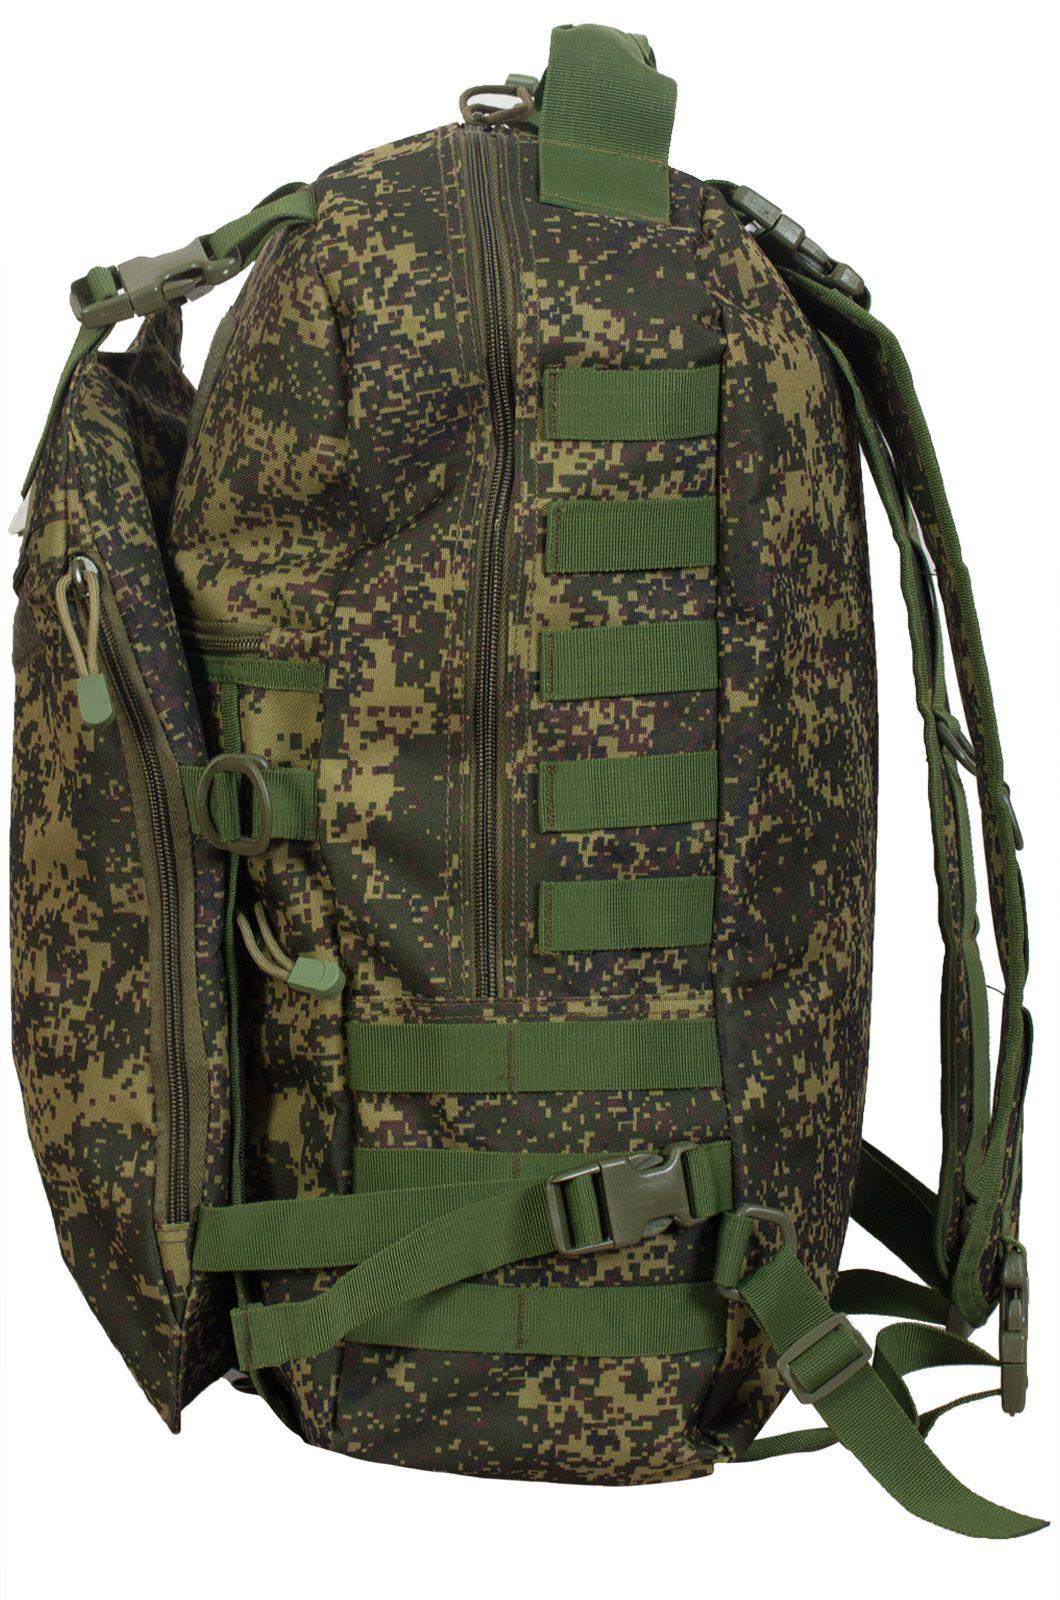 Однодневный камуфляжный рюкзак с нашивкой ФСО - заказать с доставкой